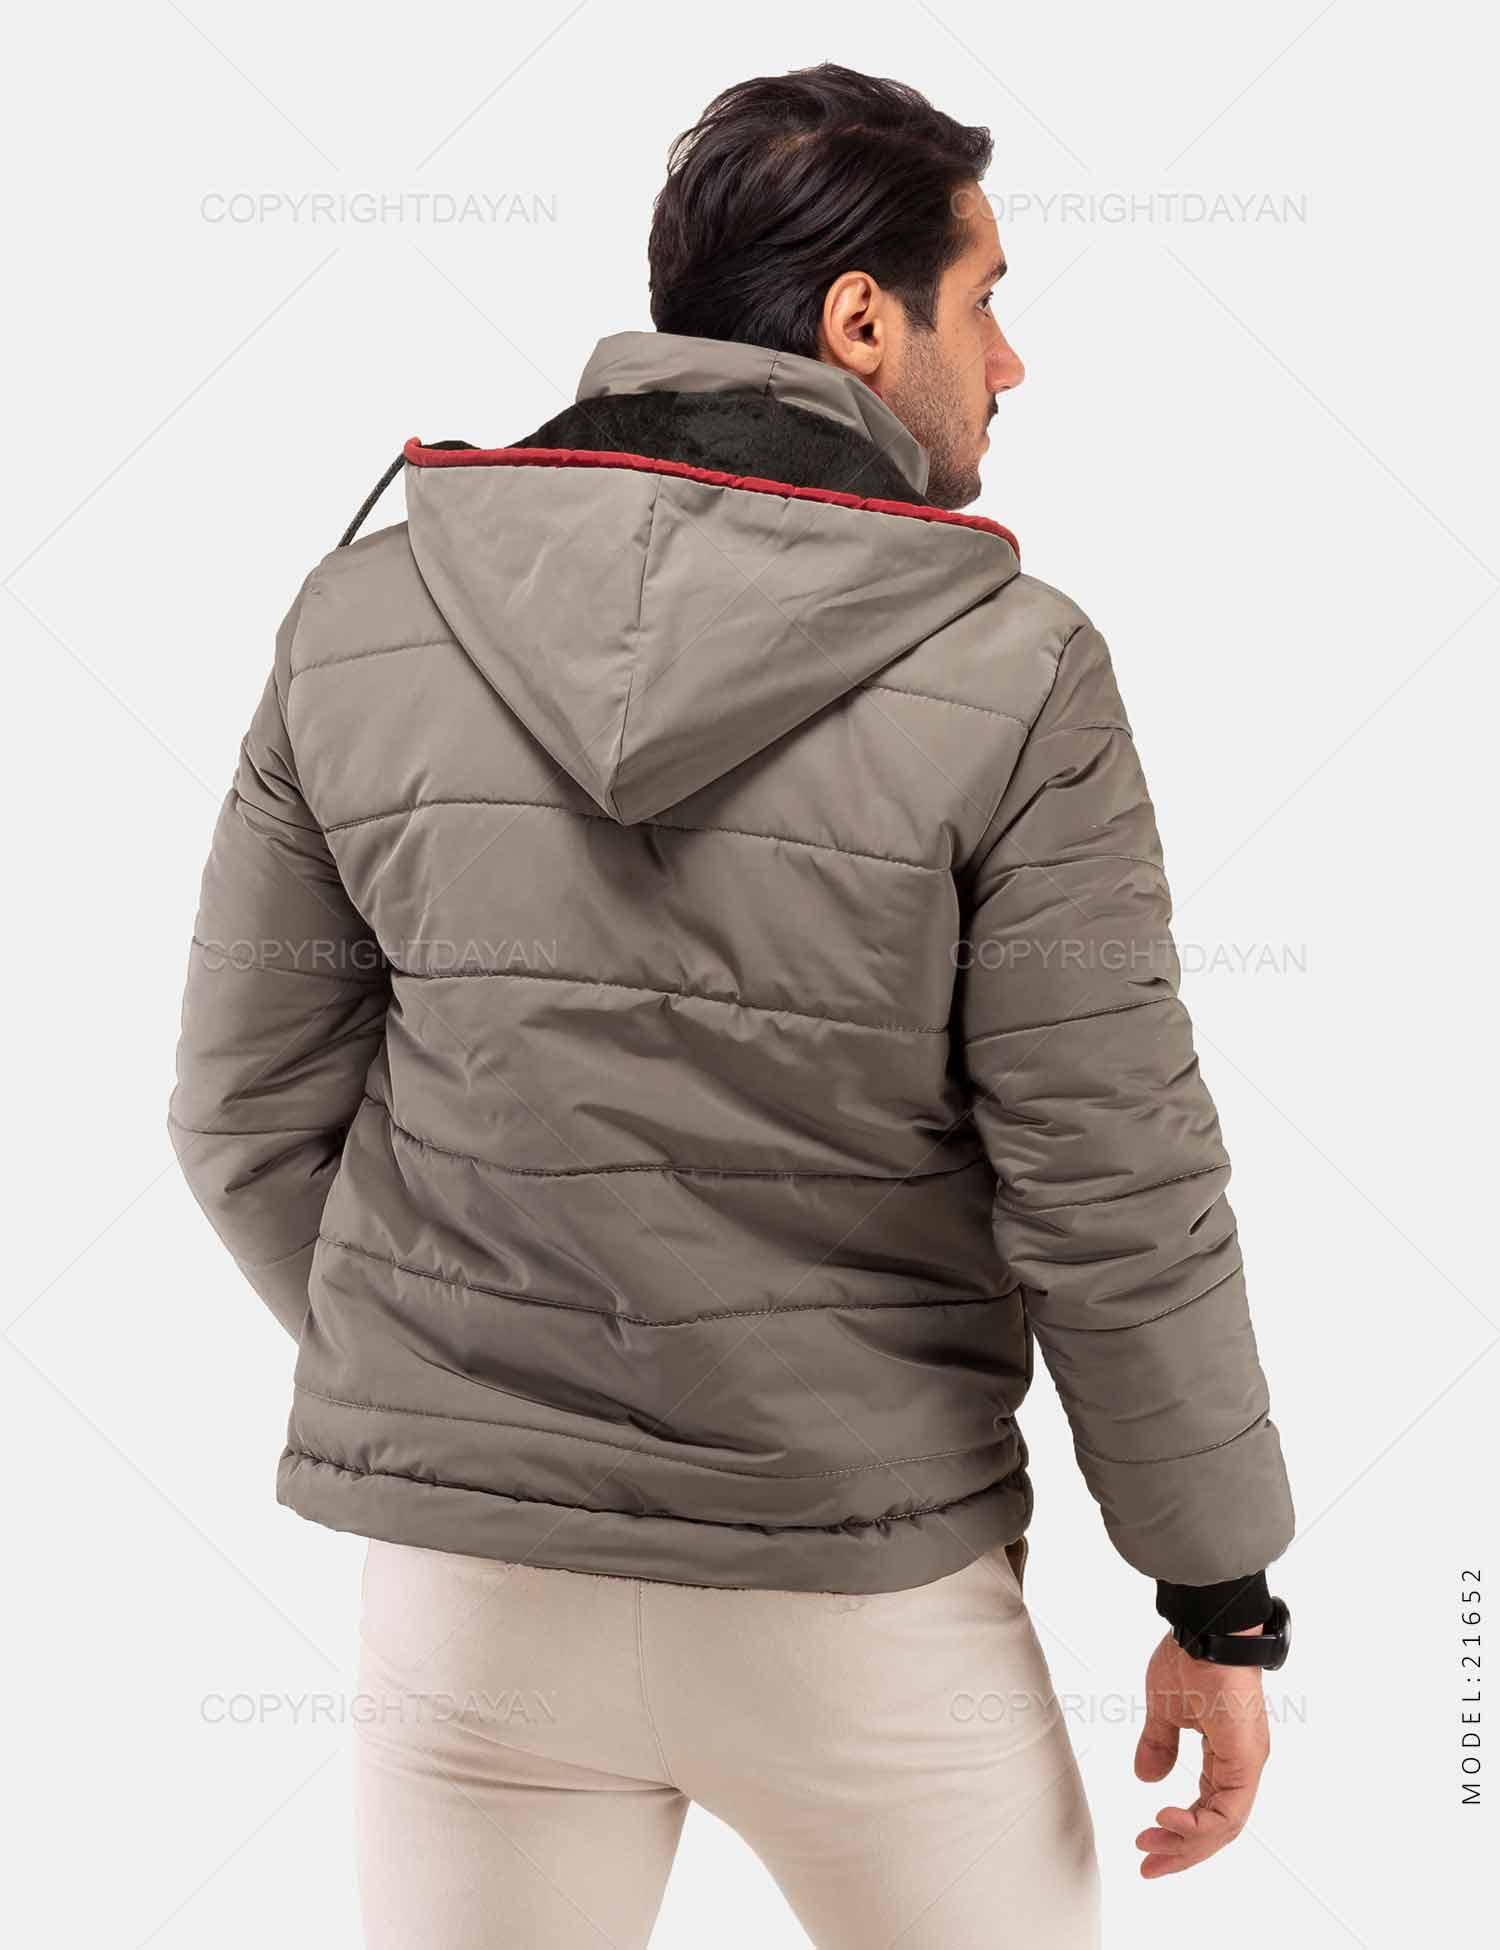 کاپشن مردانه Fashion مدل 21652 کاپشن مردانه Fashion مدل 21652 349,000 تومان